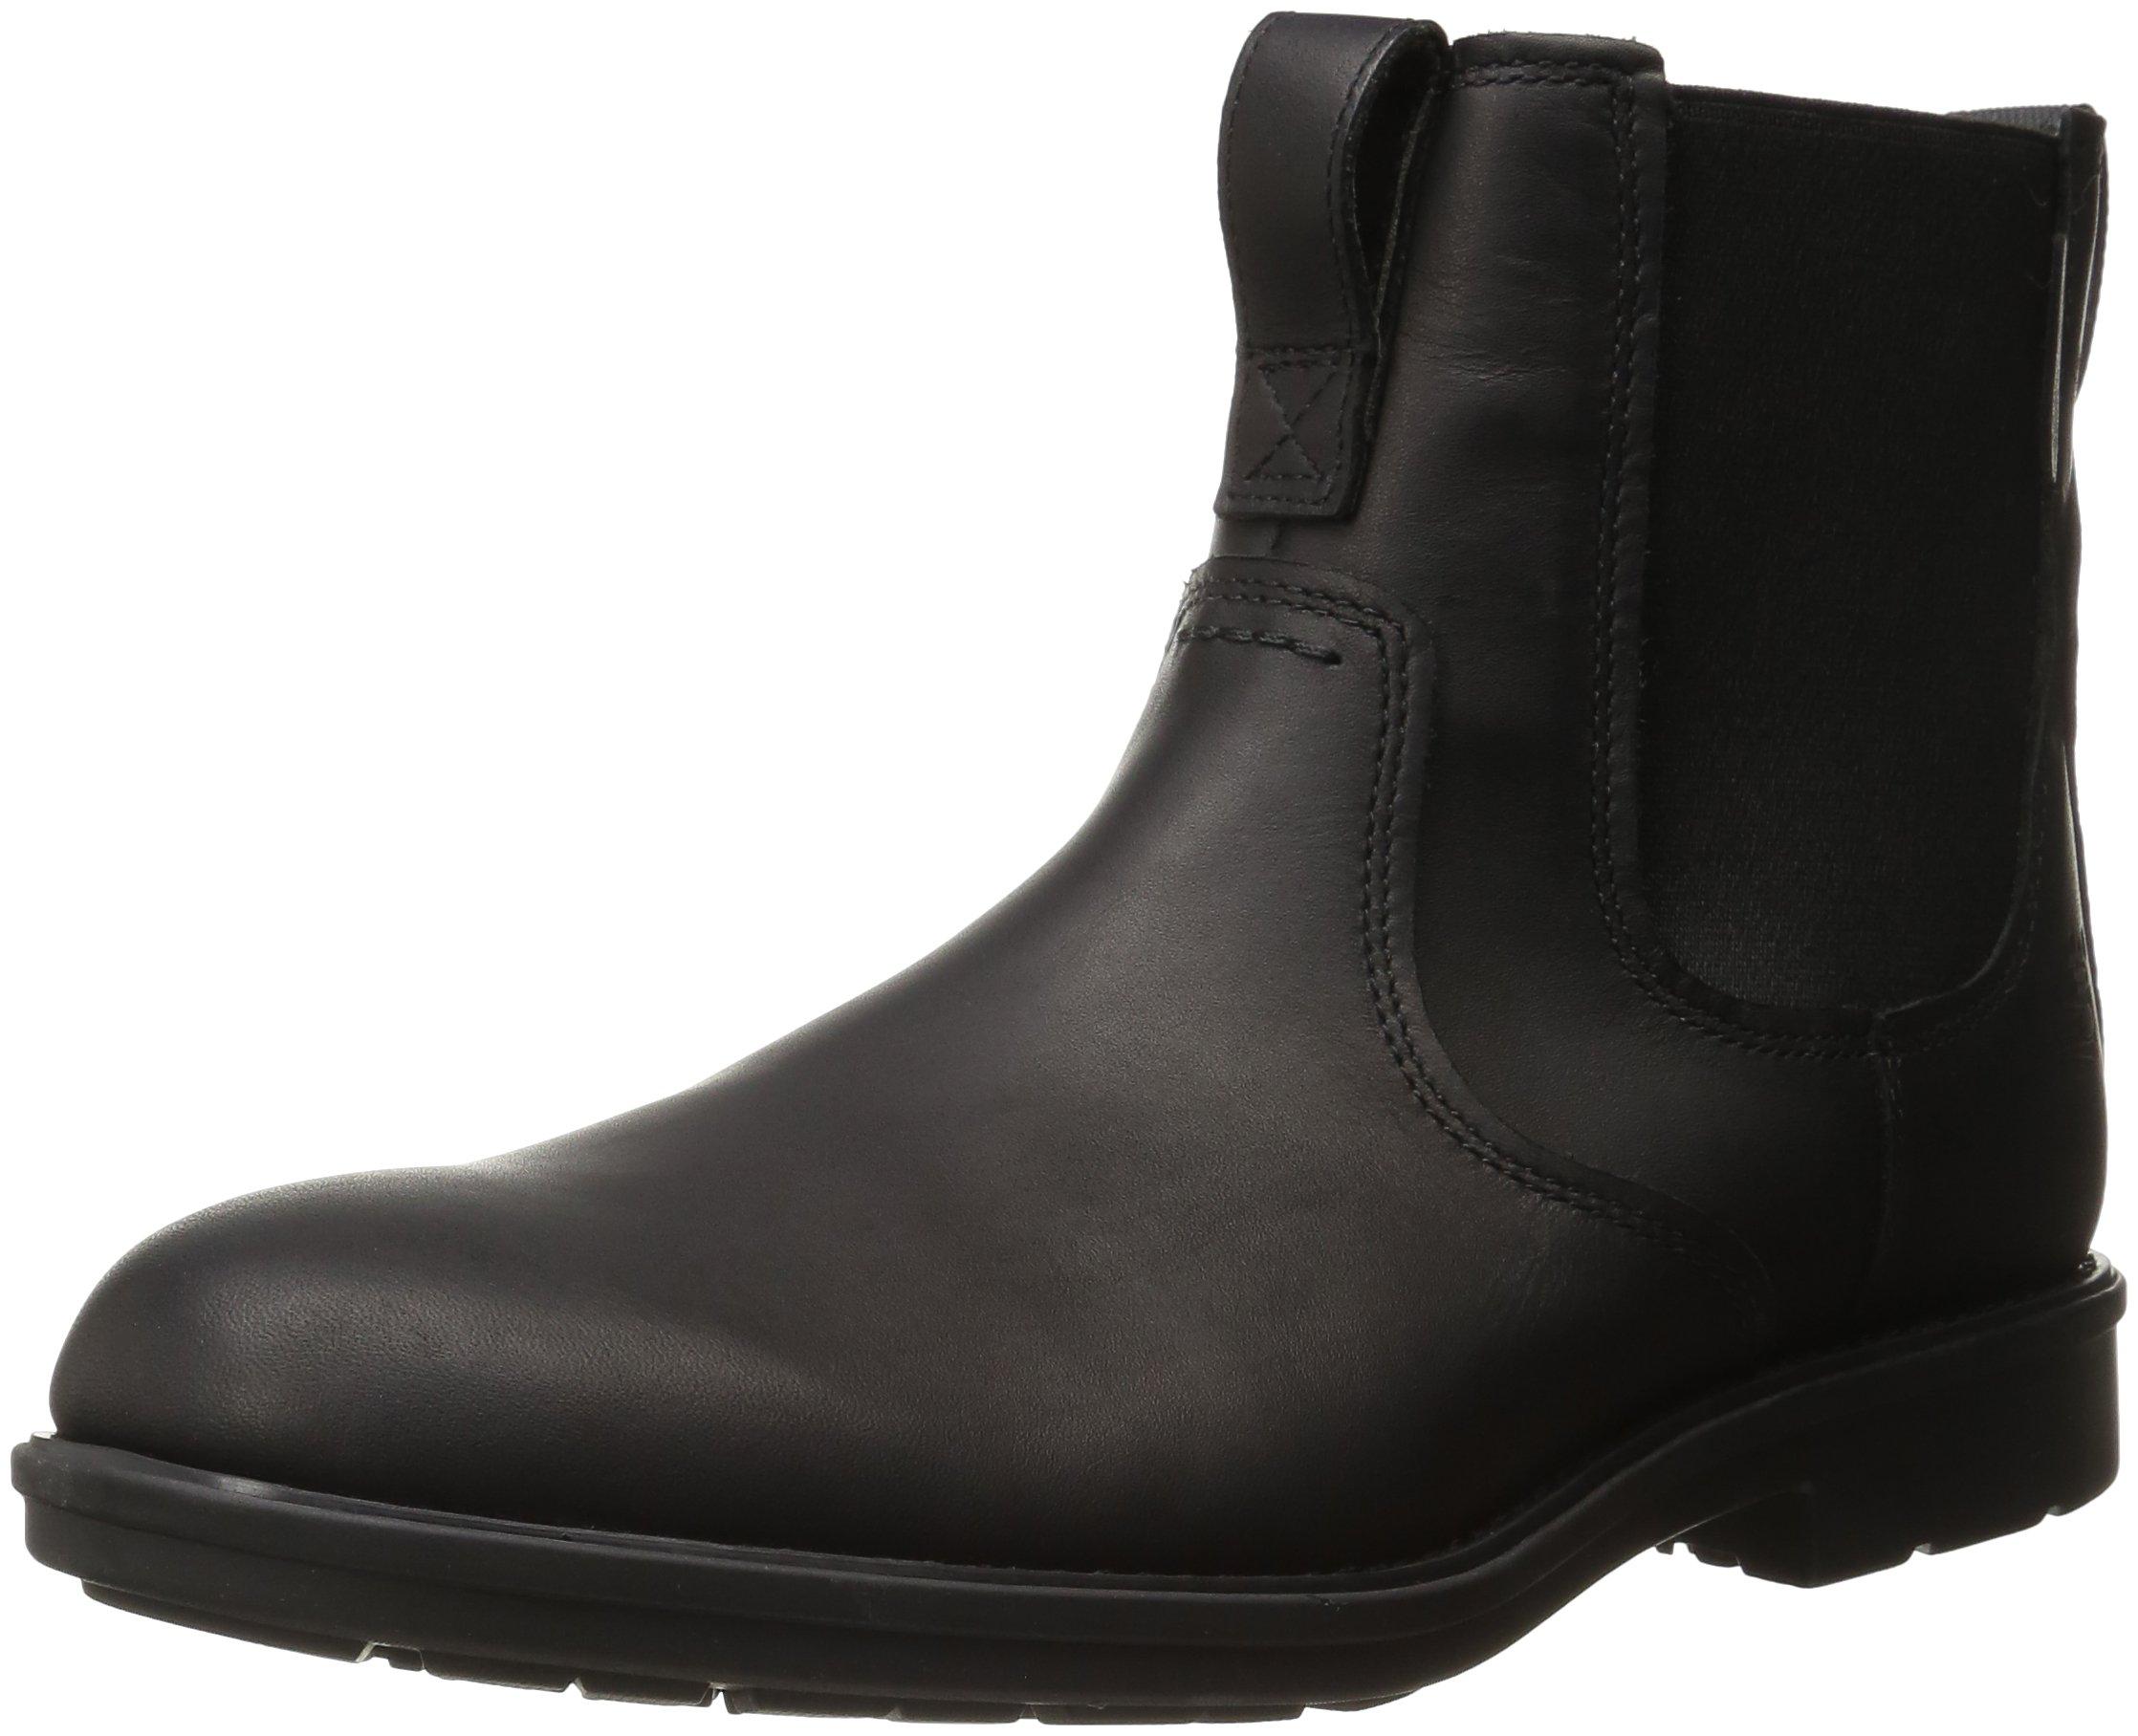 Timberland Men's Carter Notch PT Chelsea Boot, Black Full Grain, 12 M US